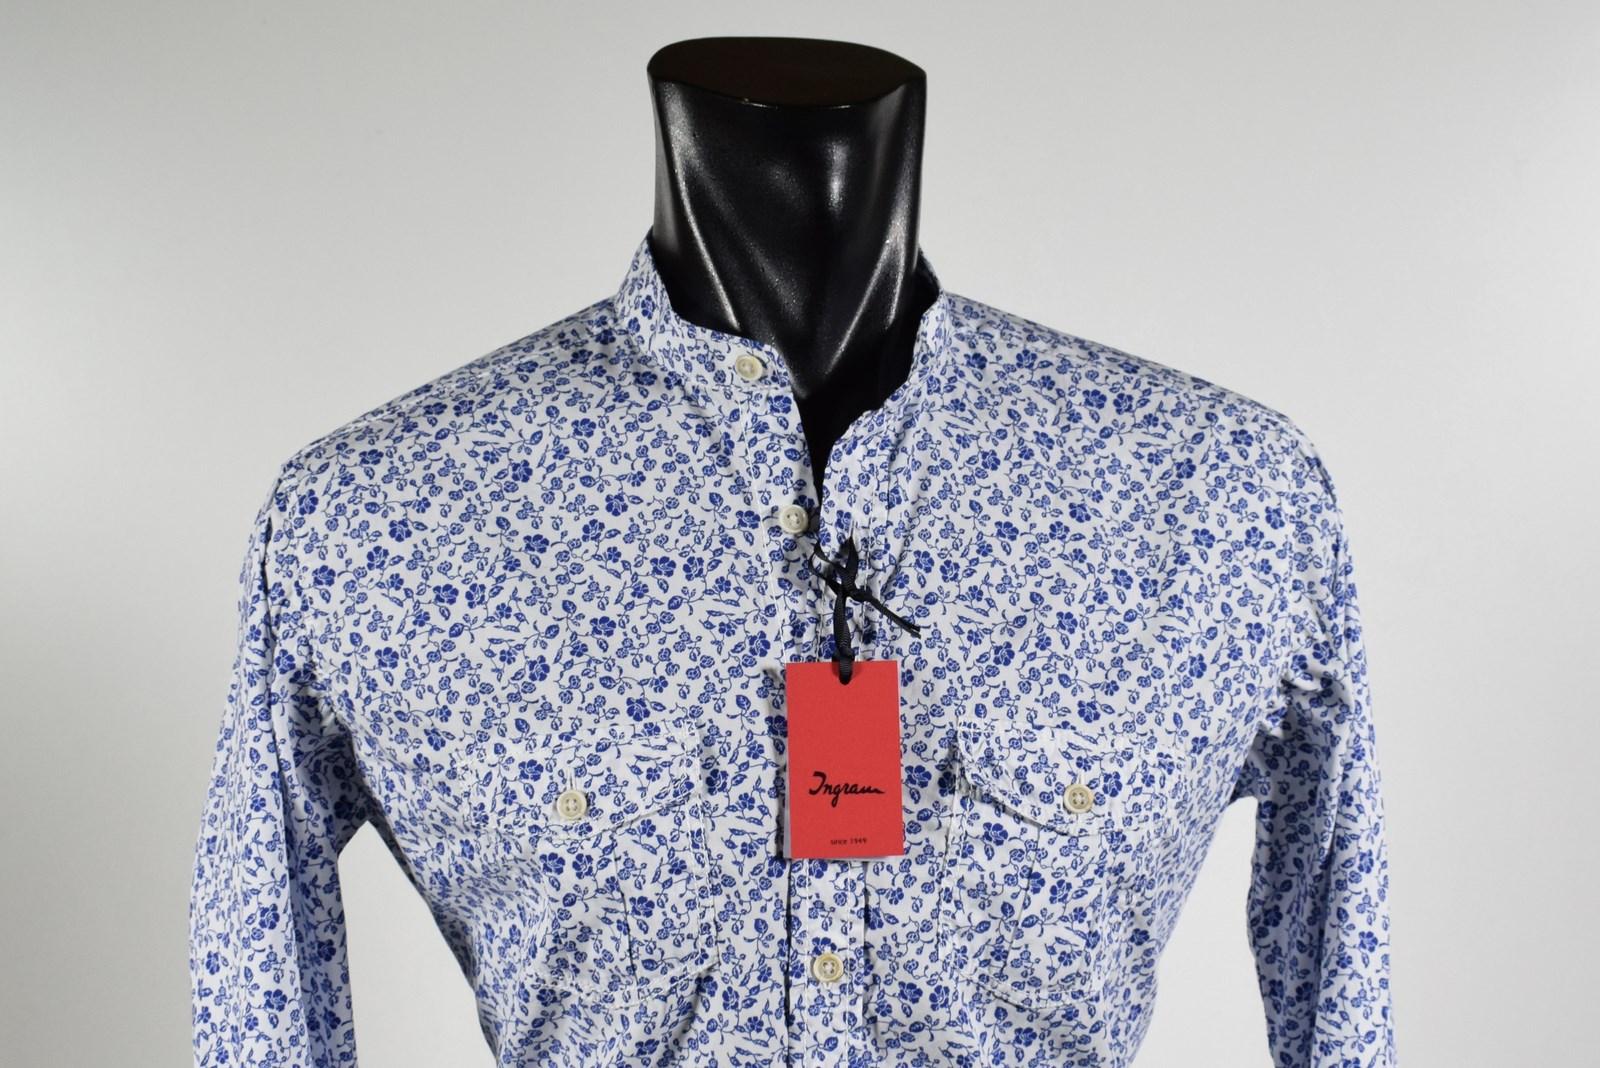 on sale a8c24 7609d Camicia uomo Ingram primavera estate 2019 collo alla coreana